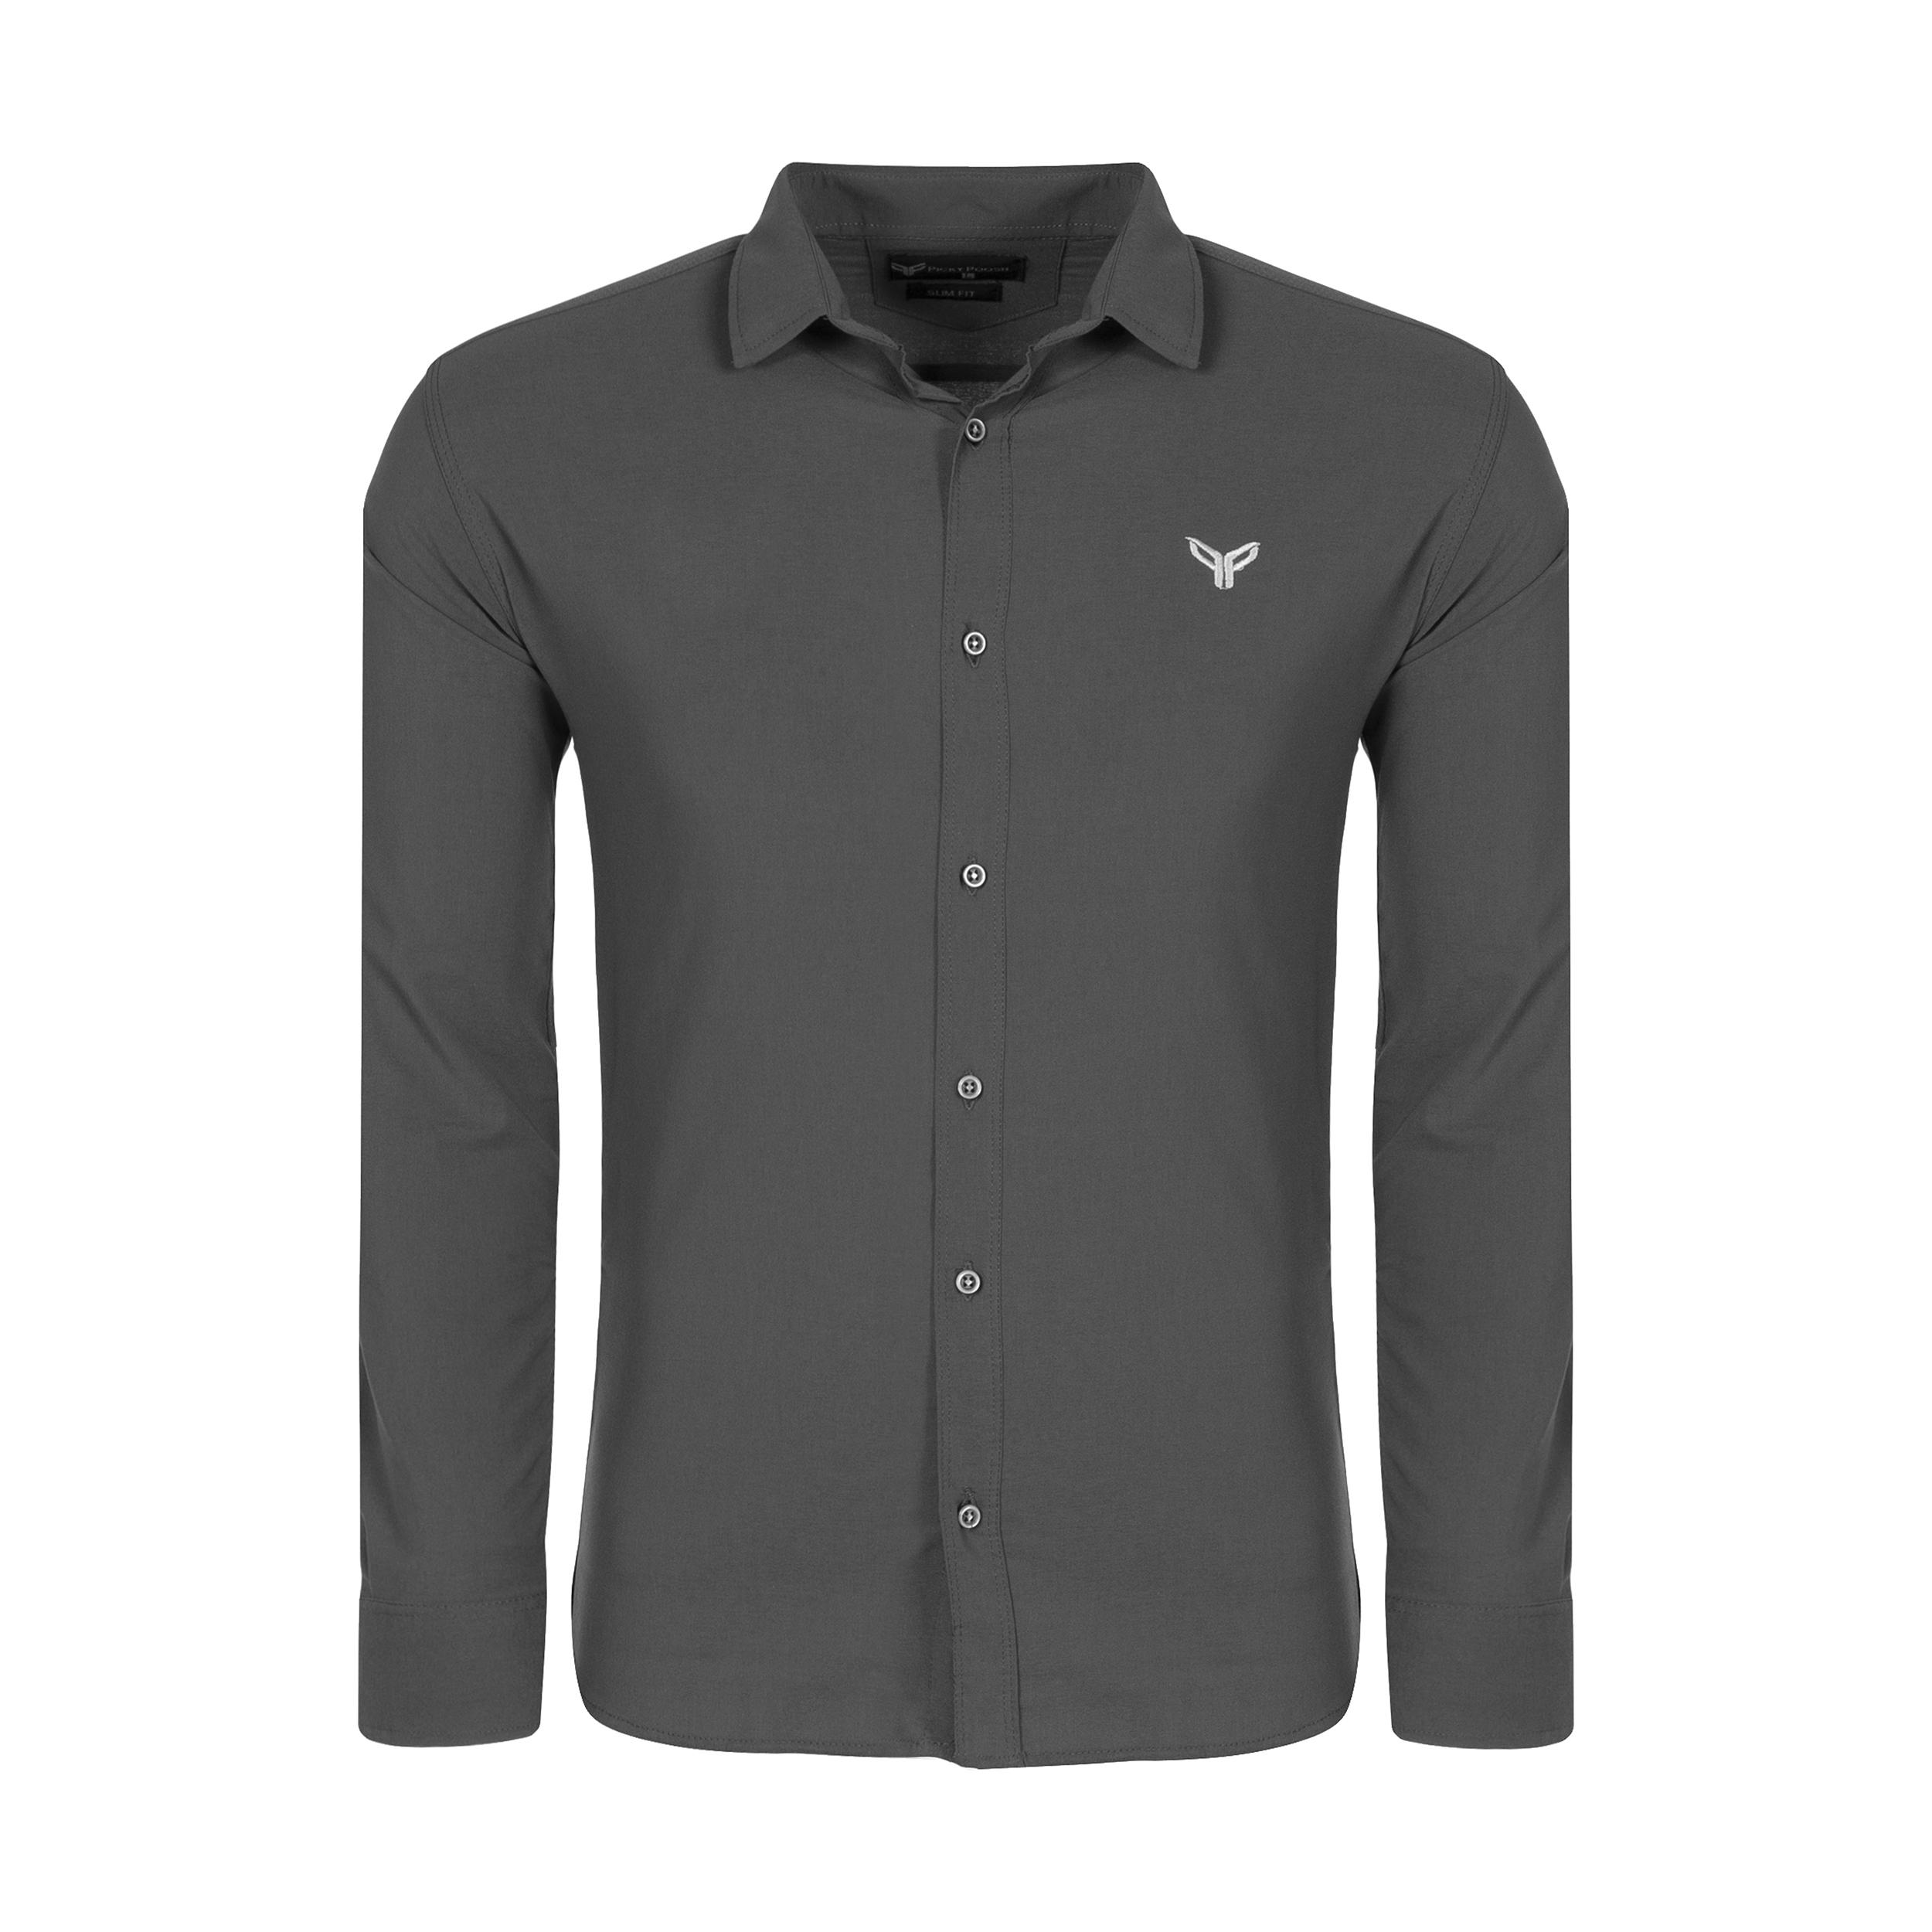 پیراهن مردانه پیکی پوش مدل M02367